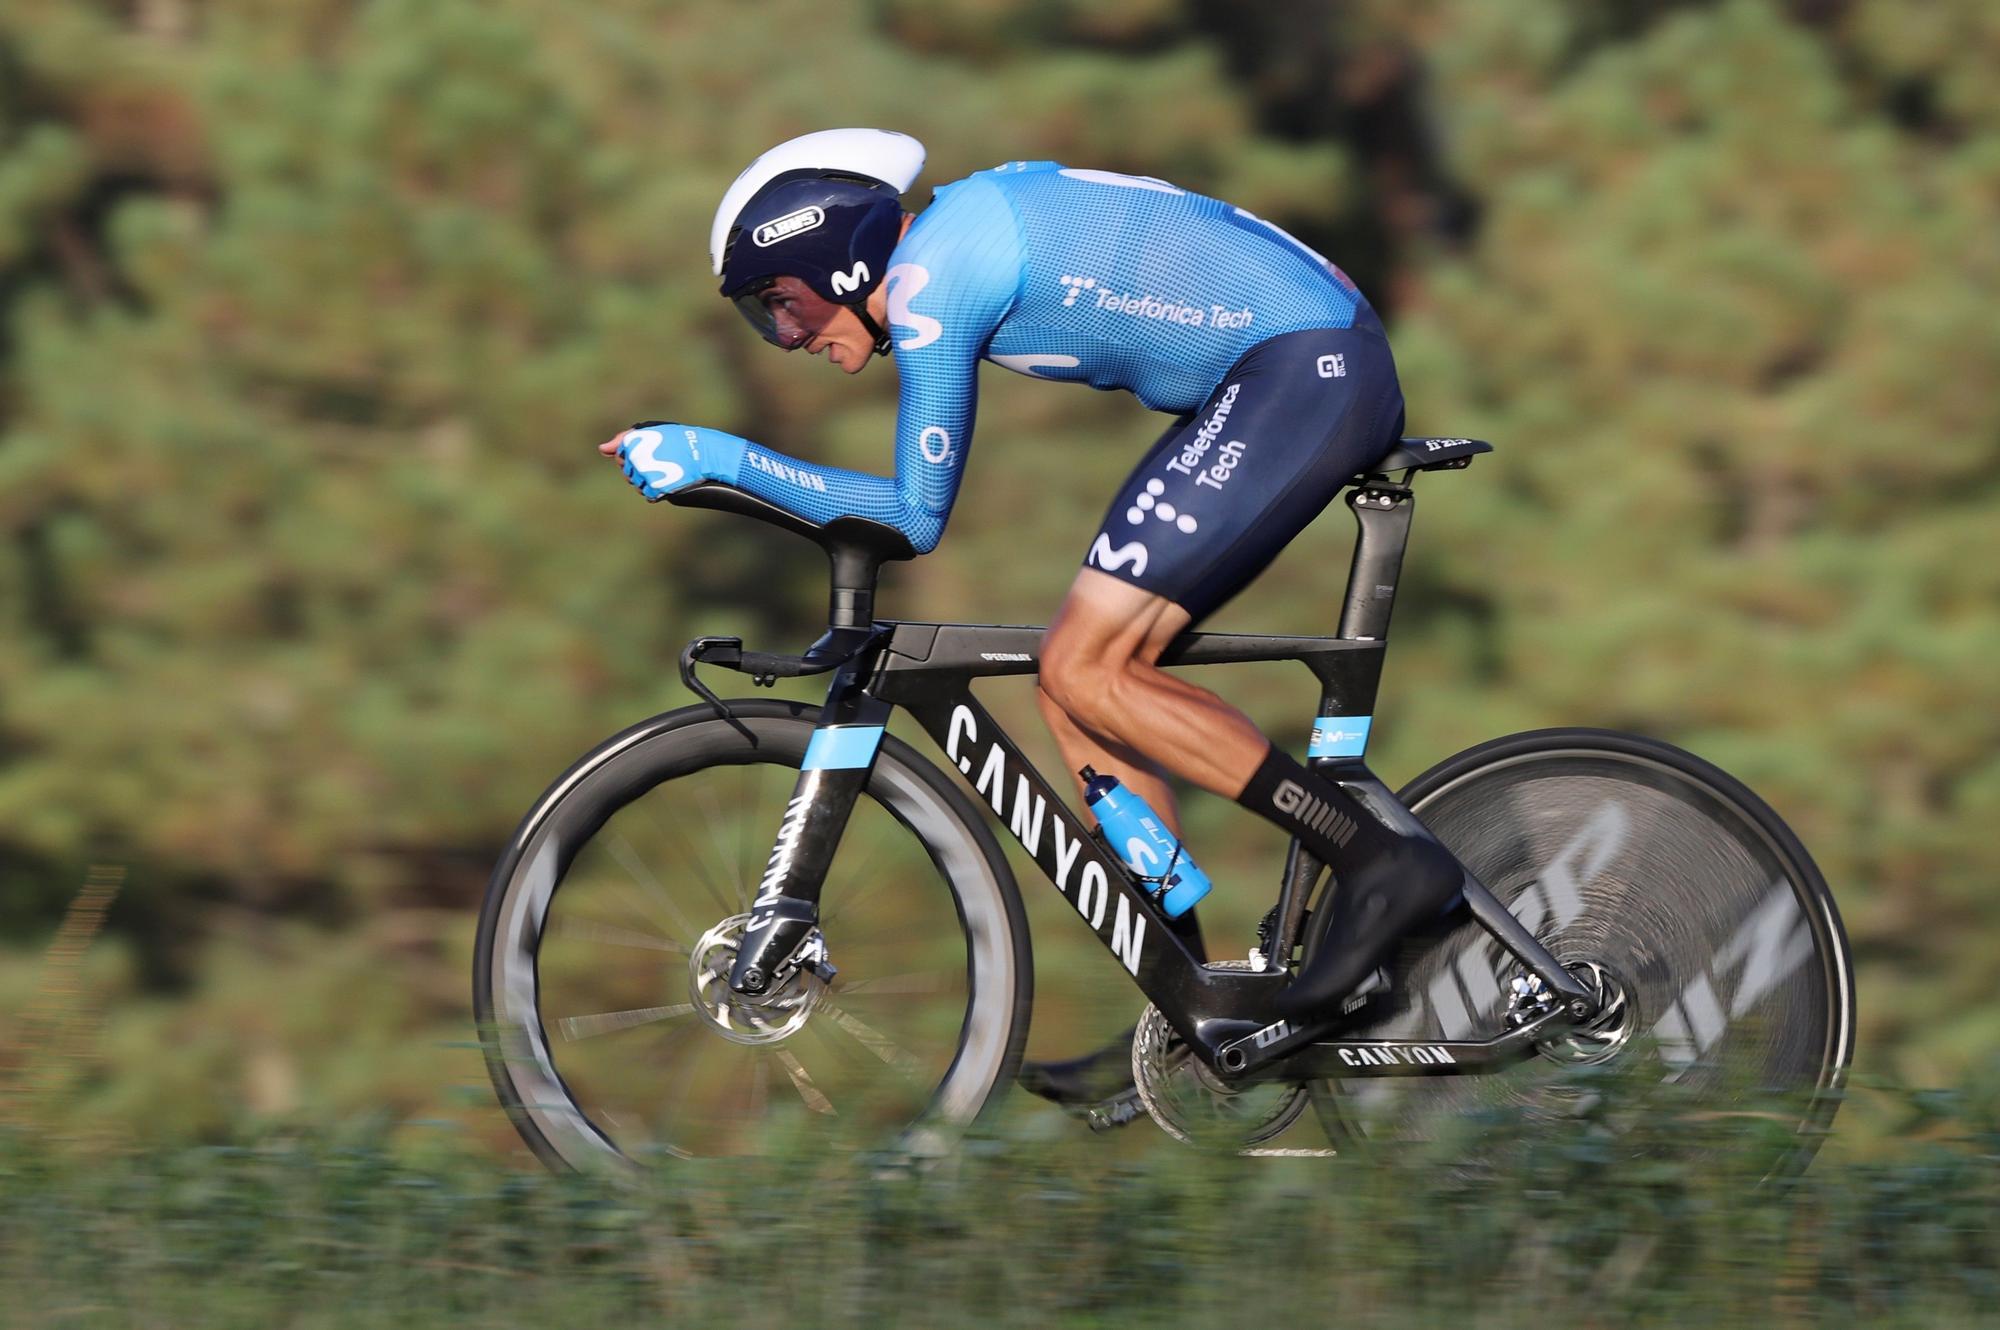 Etapa final de la Vuelta a España: Padrón - Santiago de Compostela